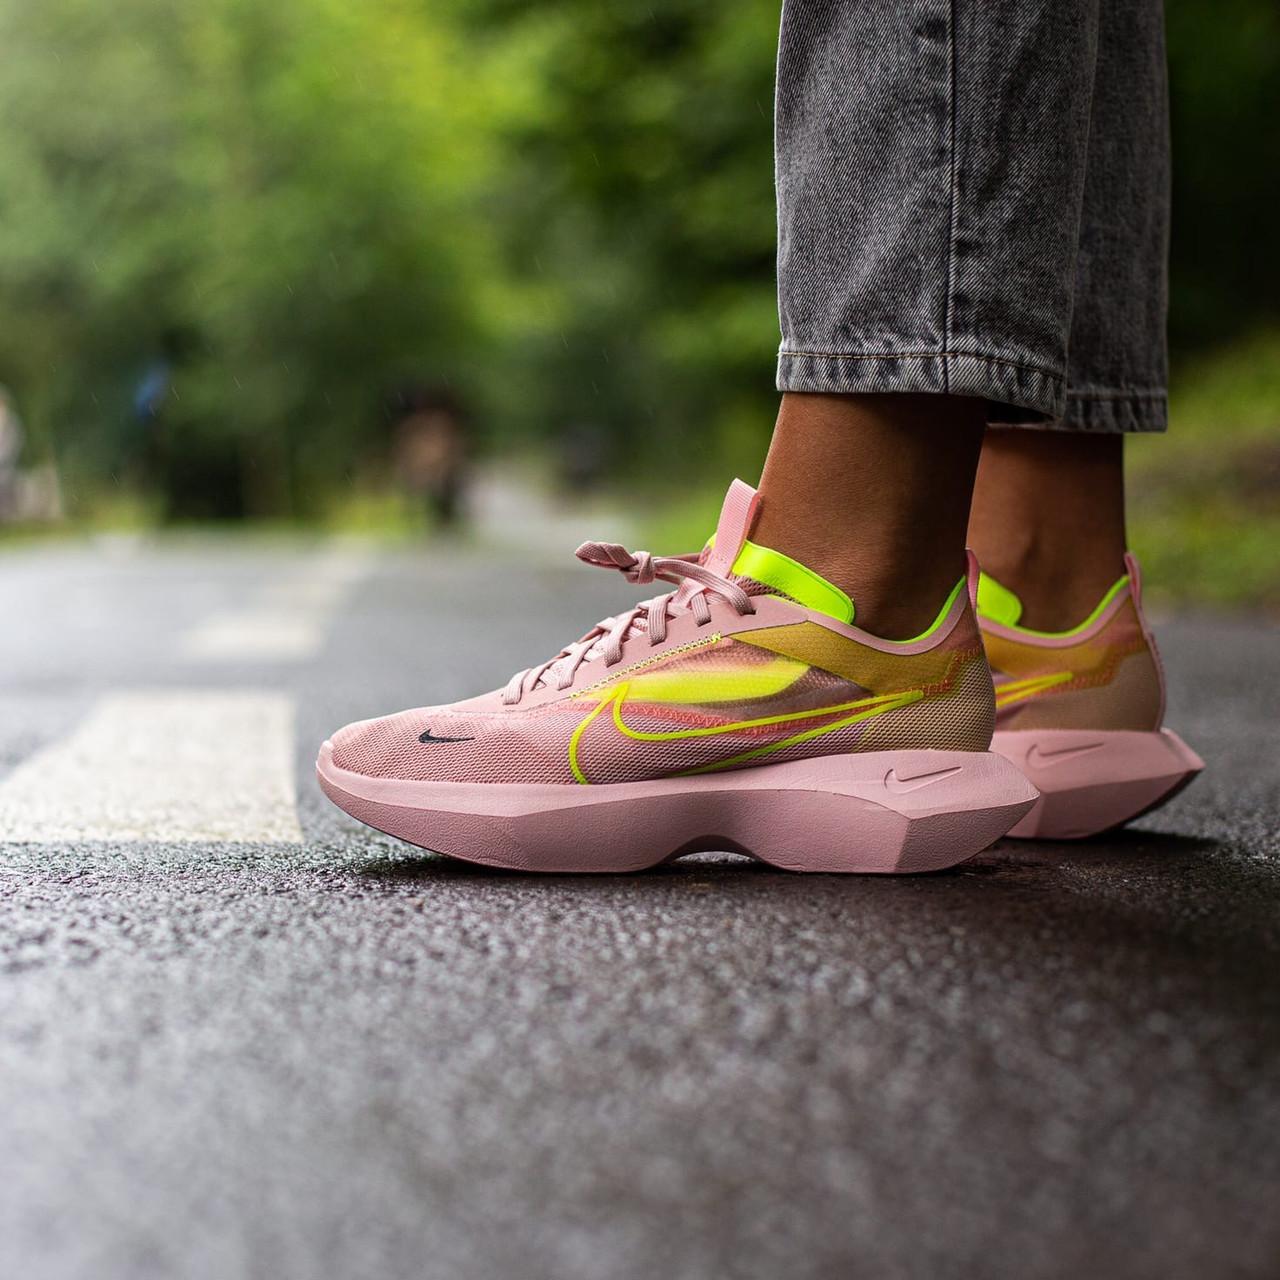 Женские кроссовки Nike Wmns Vista Lite, Реплика Люкс